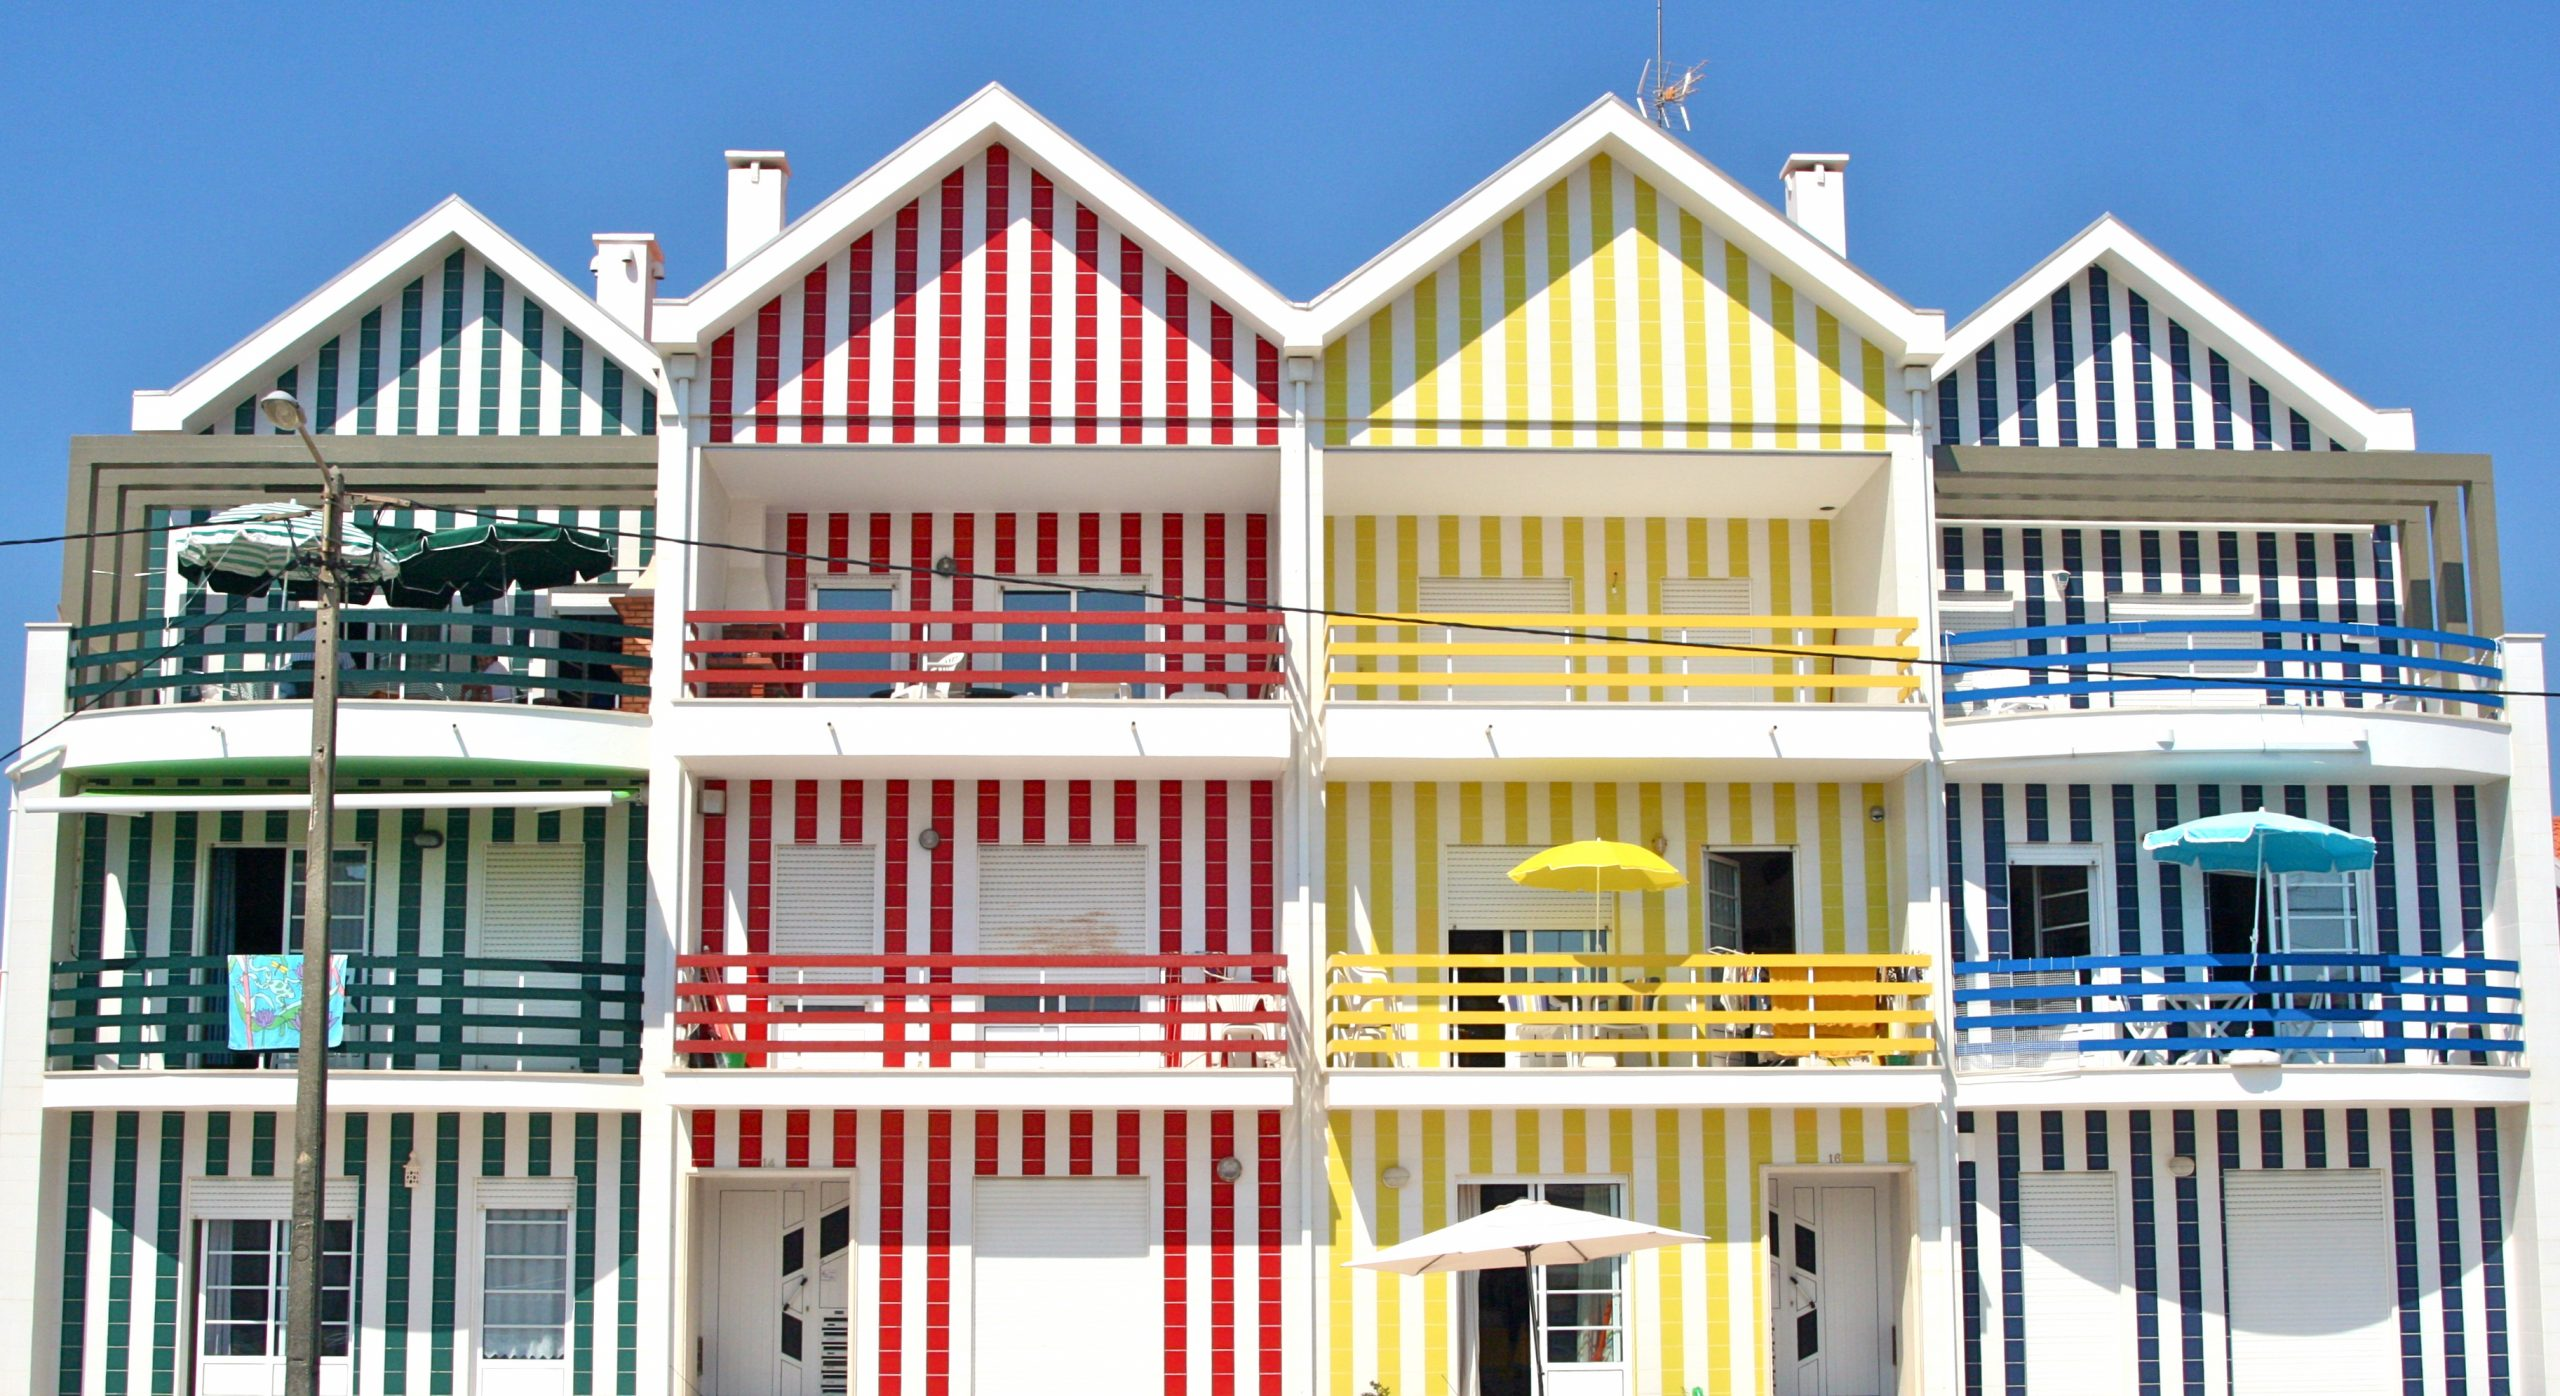 خانه های رنگی Costa_Nova در شهر آویرو پرتغال